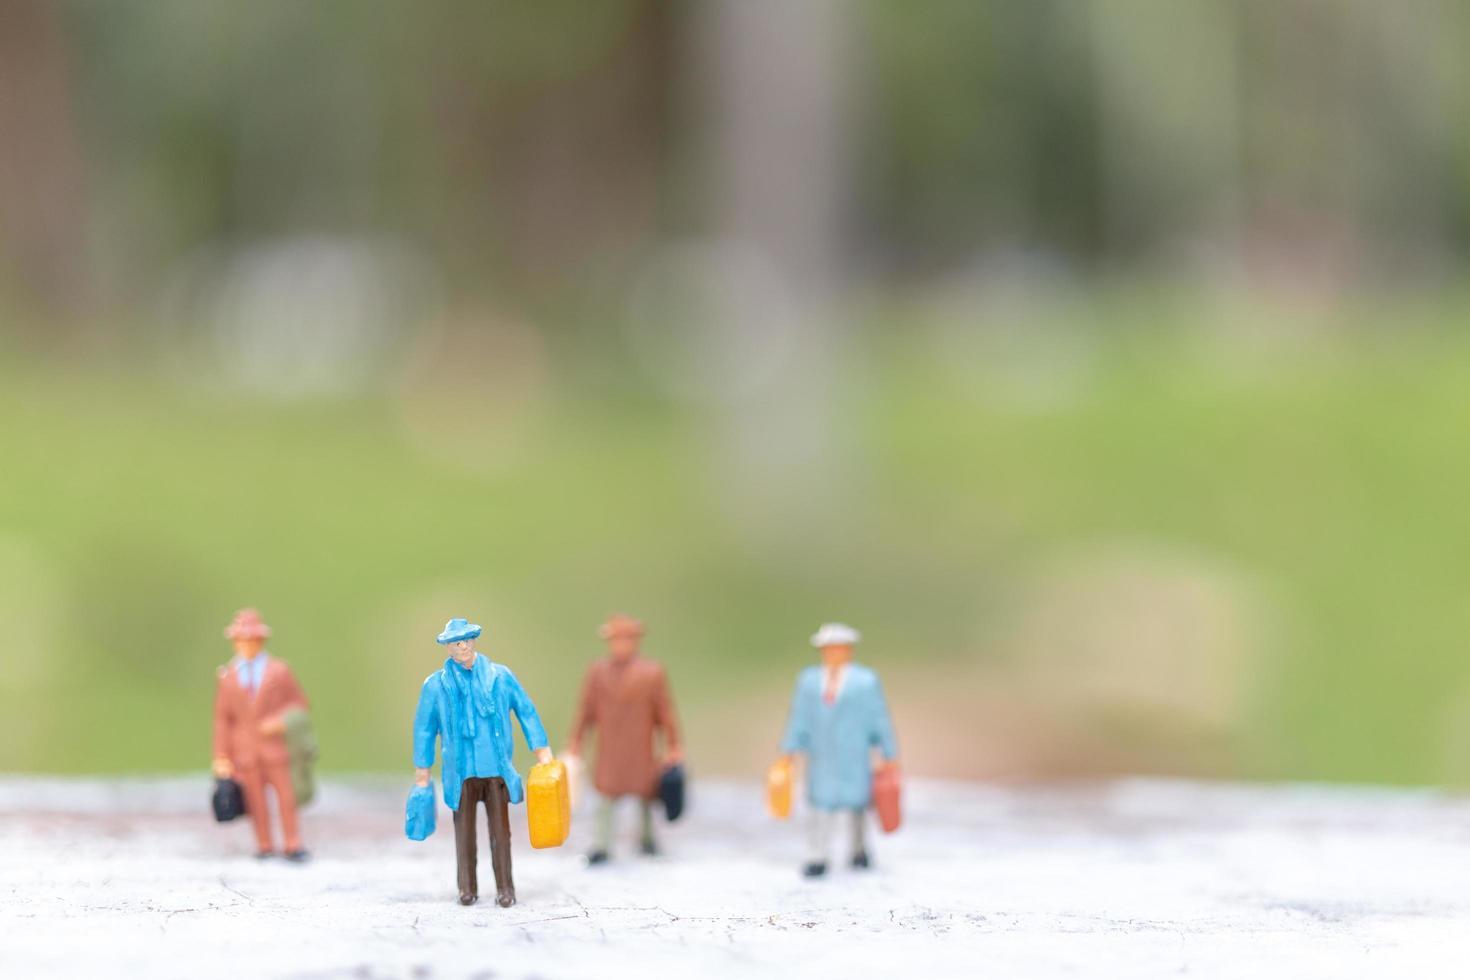 Viajeros en miniatura caminando por una calle, concepto de viaje y aventura. foto